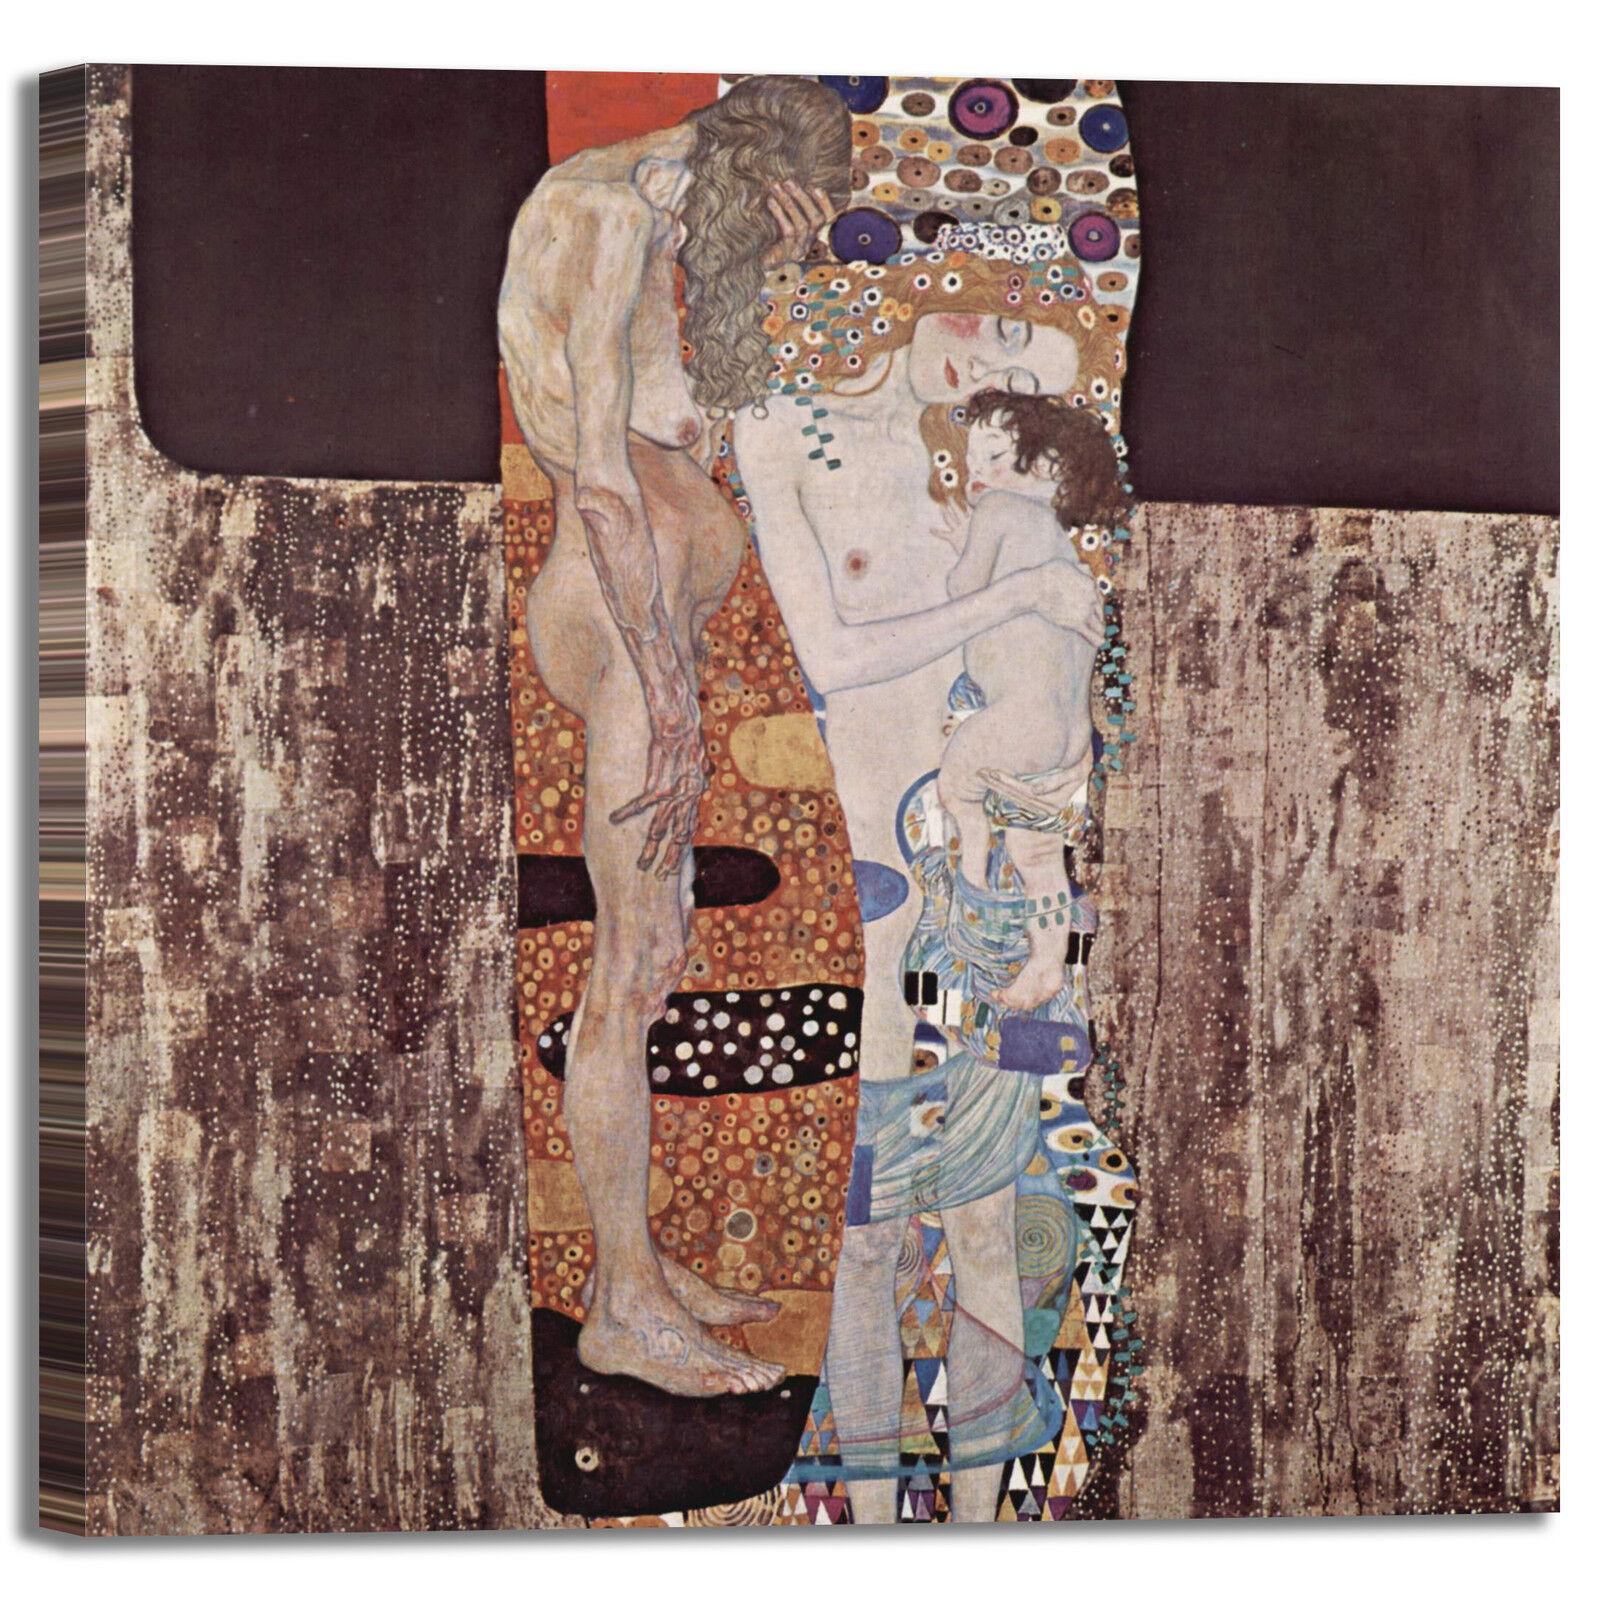 Gustav Klimt le tre età della vita vita della quadro stampa tela dipinto telaio arRouge o casa bb0b59